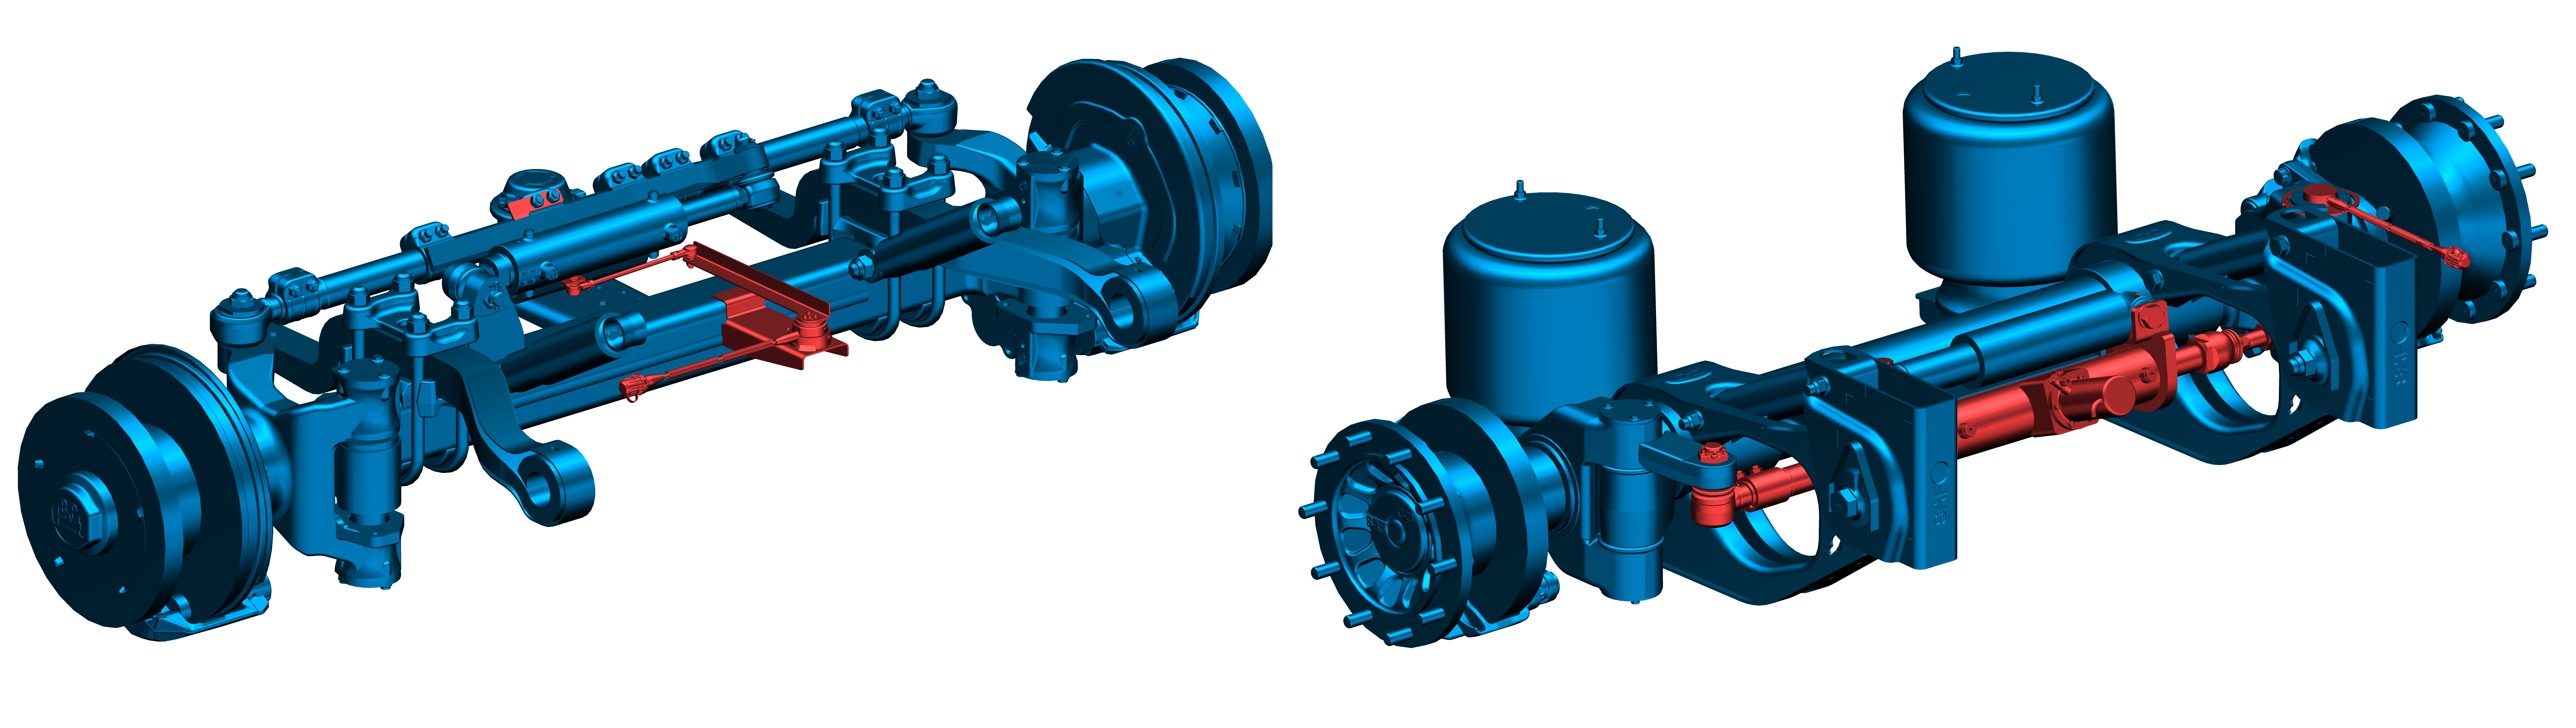 Mehr vorbereitete Nachlauflenkachsen für VSE Smart Steering erhältlich!